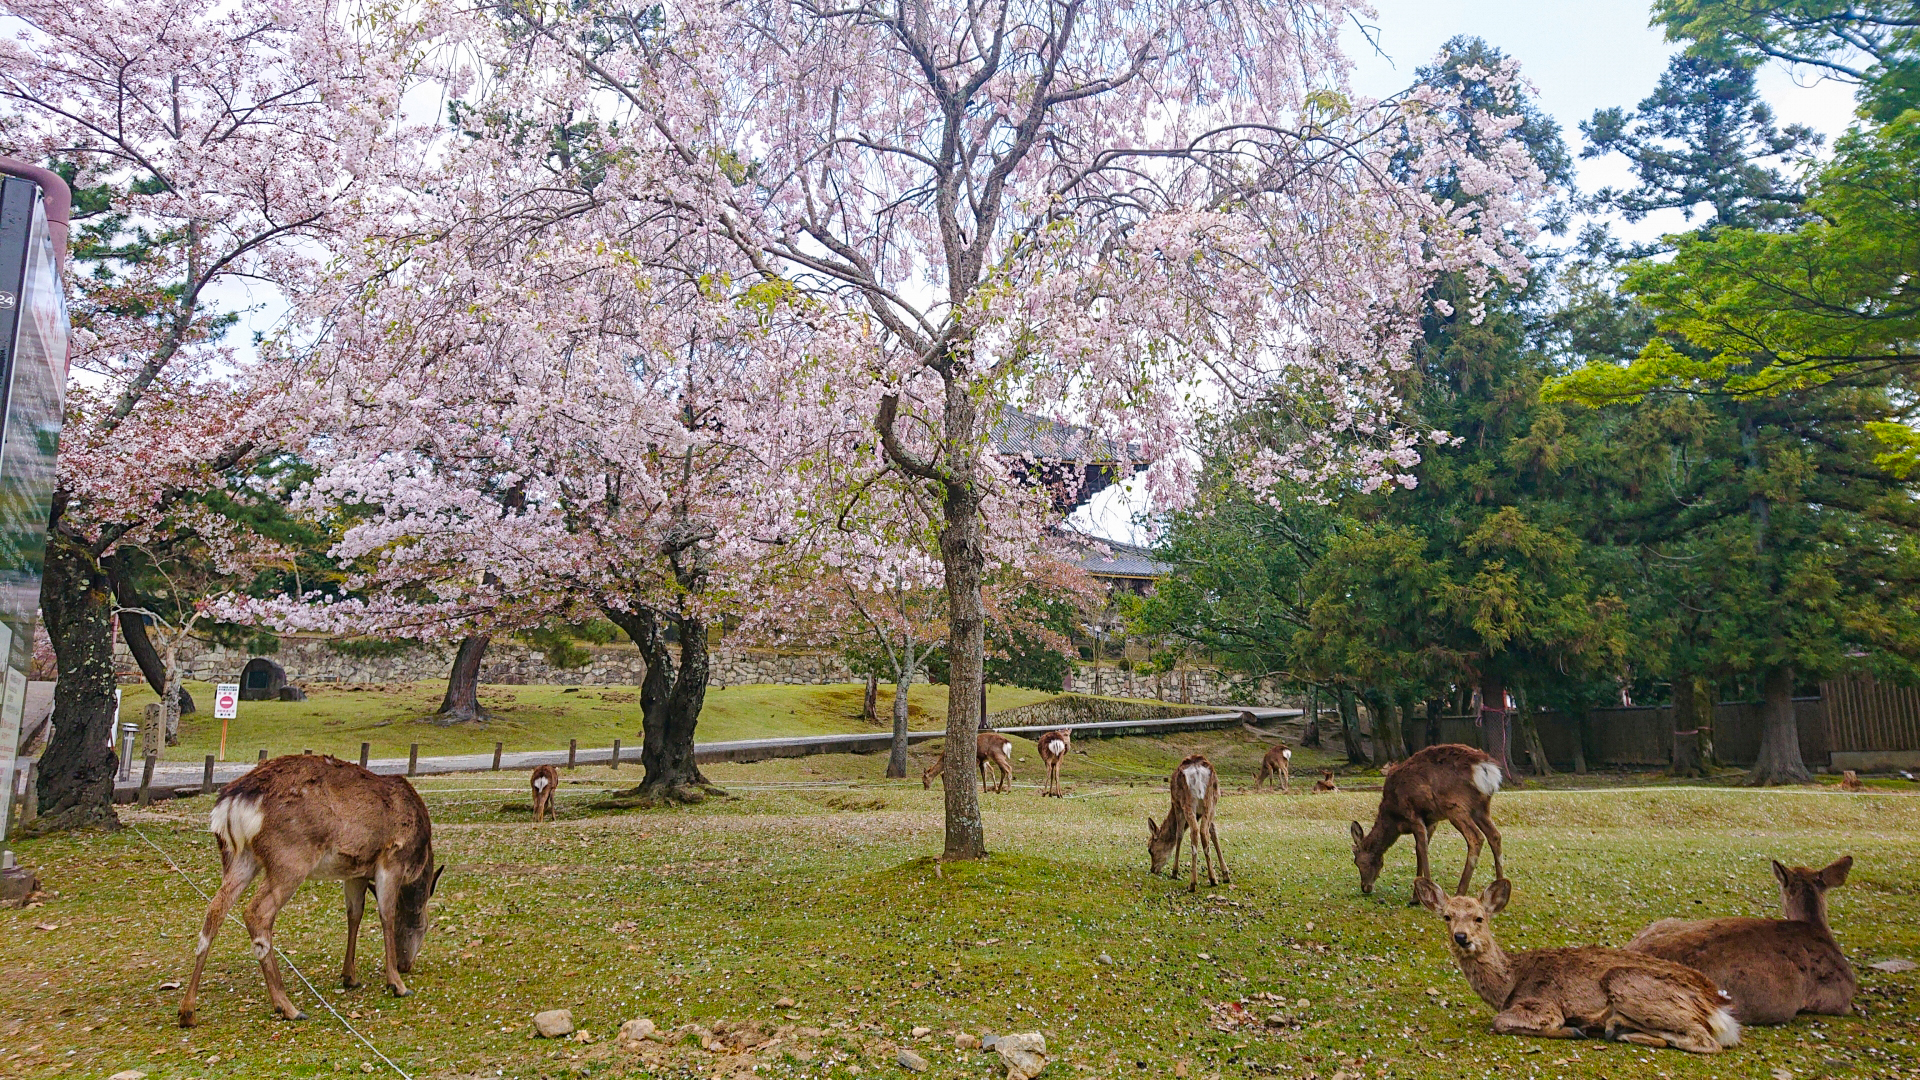 3538178_m 奈良県  奈良公園(鹿と桜の美しい景色が見れる春におすすめの桜スポット! 写真の紹介、アクセス情報や駐車場情報など)